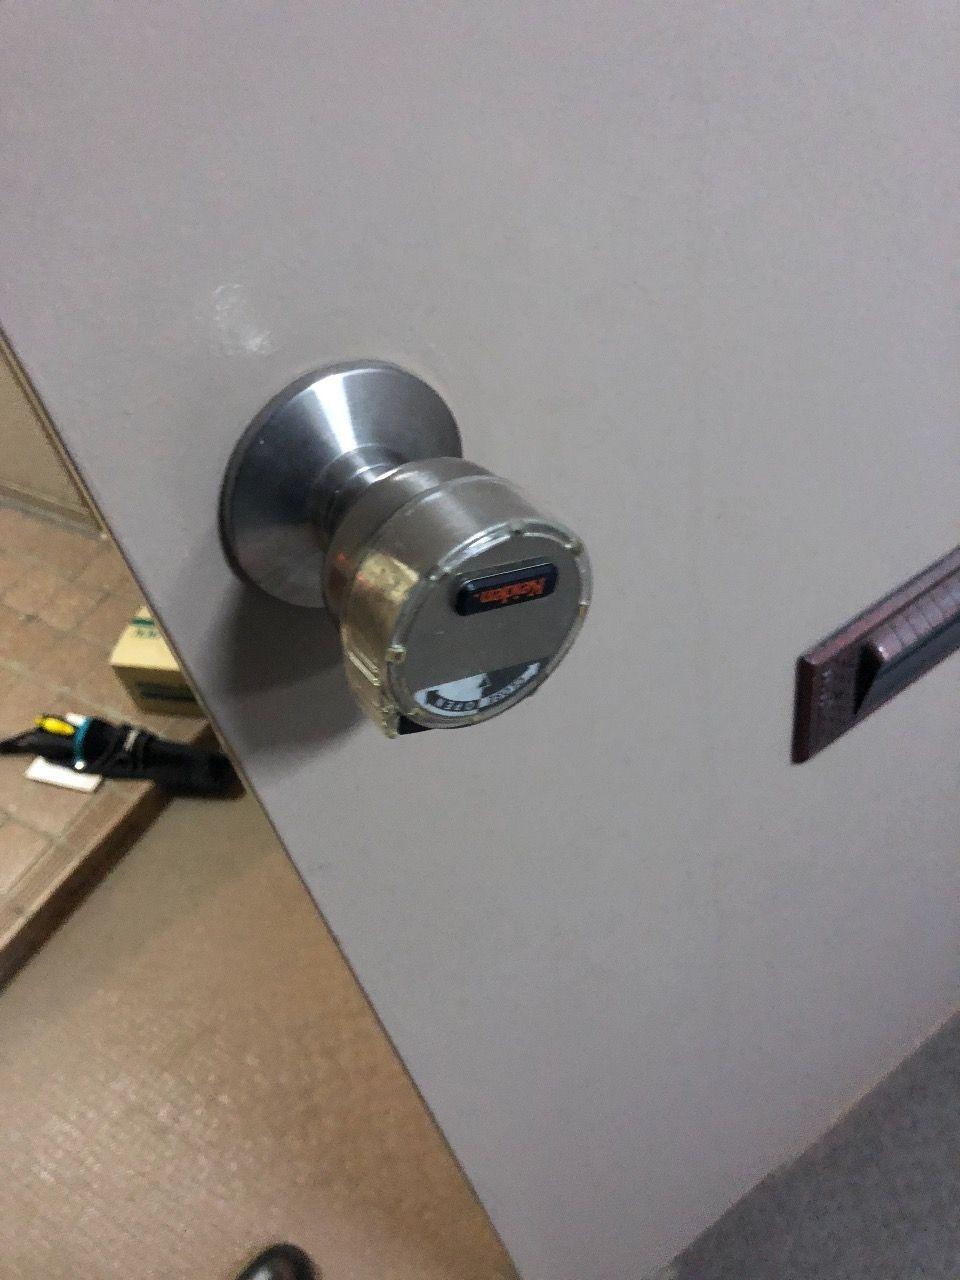 [大家さんにもできる?鍵交換]MIWA HPD-40HS ドアノブごと錠交換してみました。